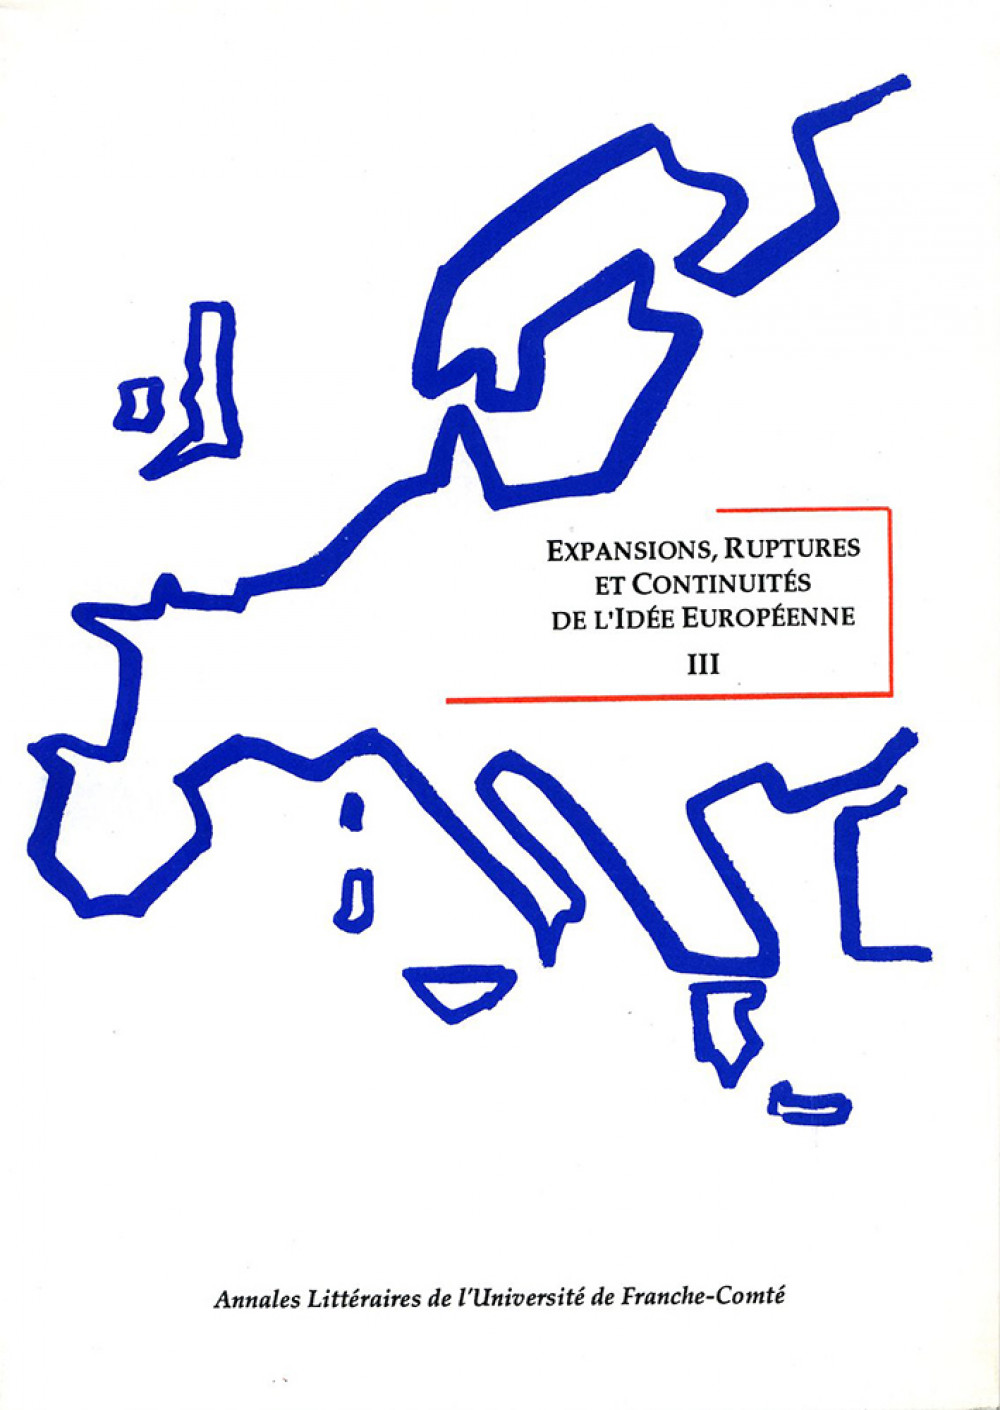 Expansions, Ruptures et Continuité de l'Idée Européenne III